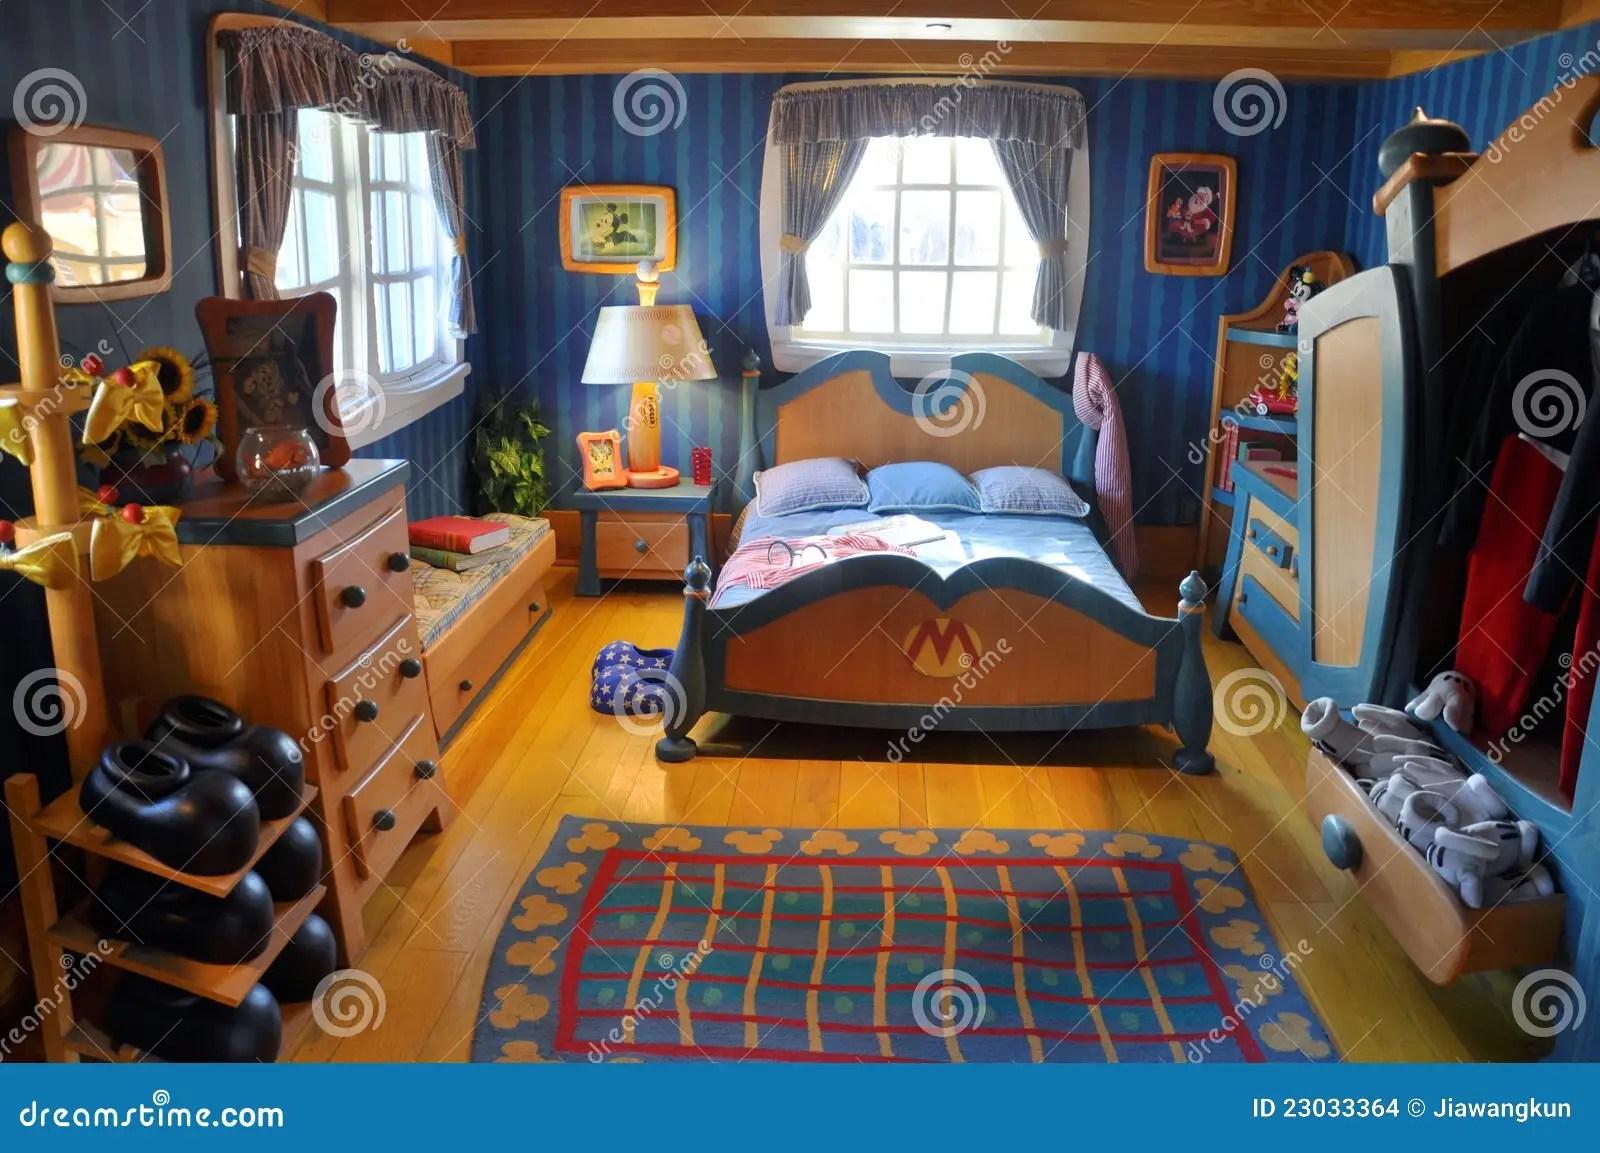 Mickeys Bedroom In Disney World Orlando Editorial Stock